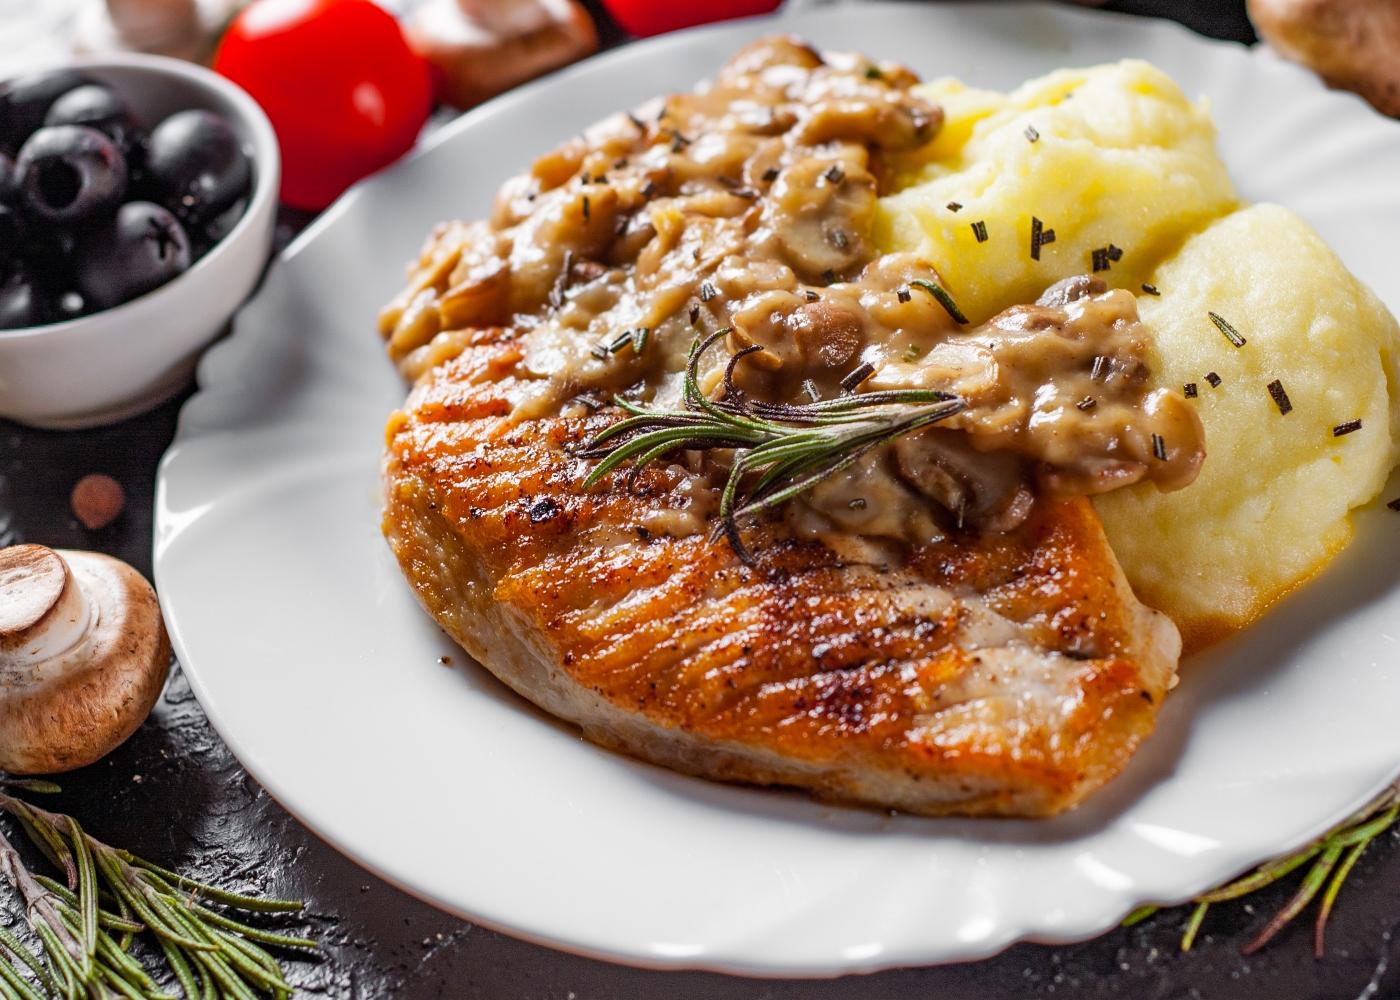 prato com frango estufado e puré